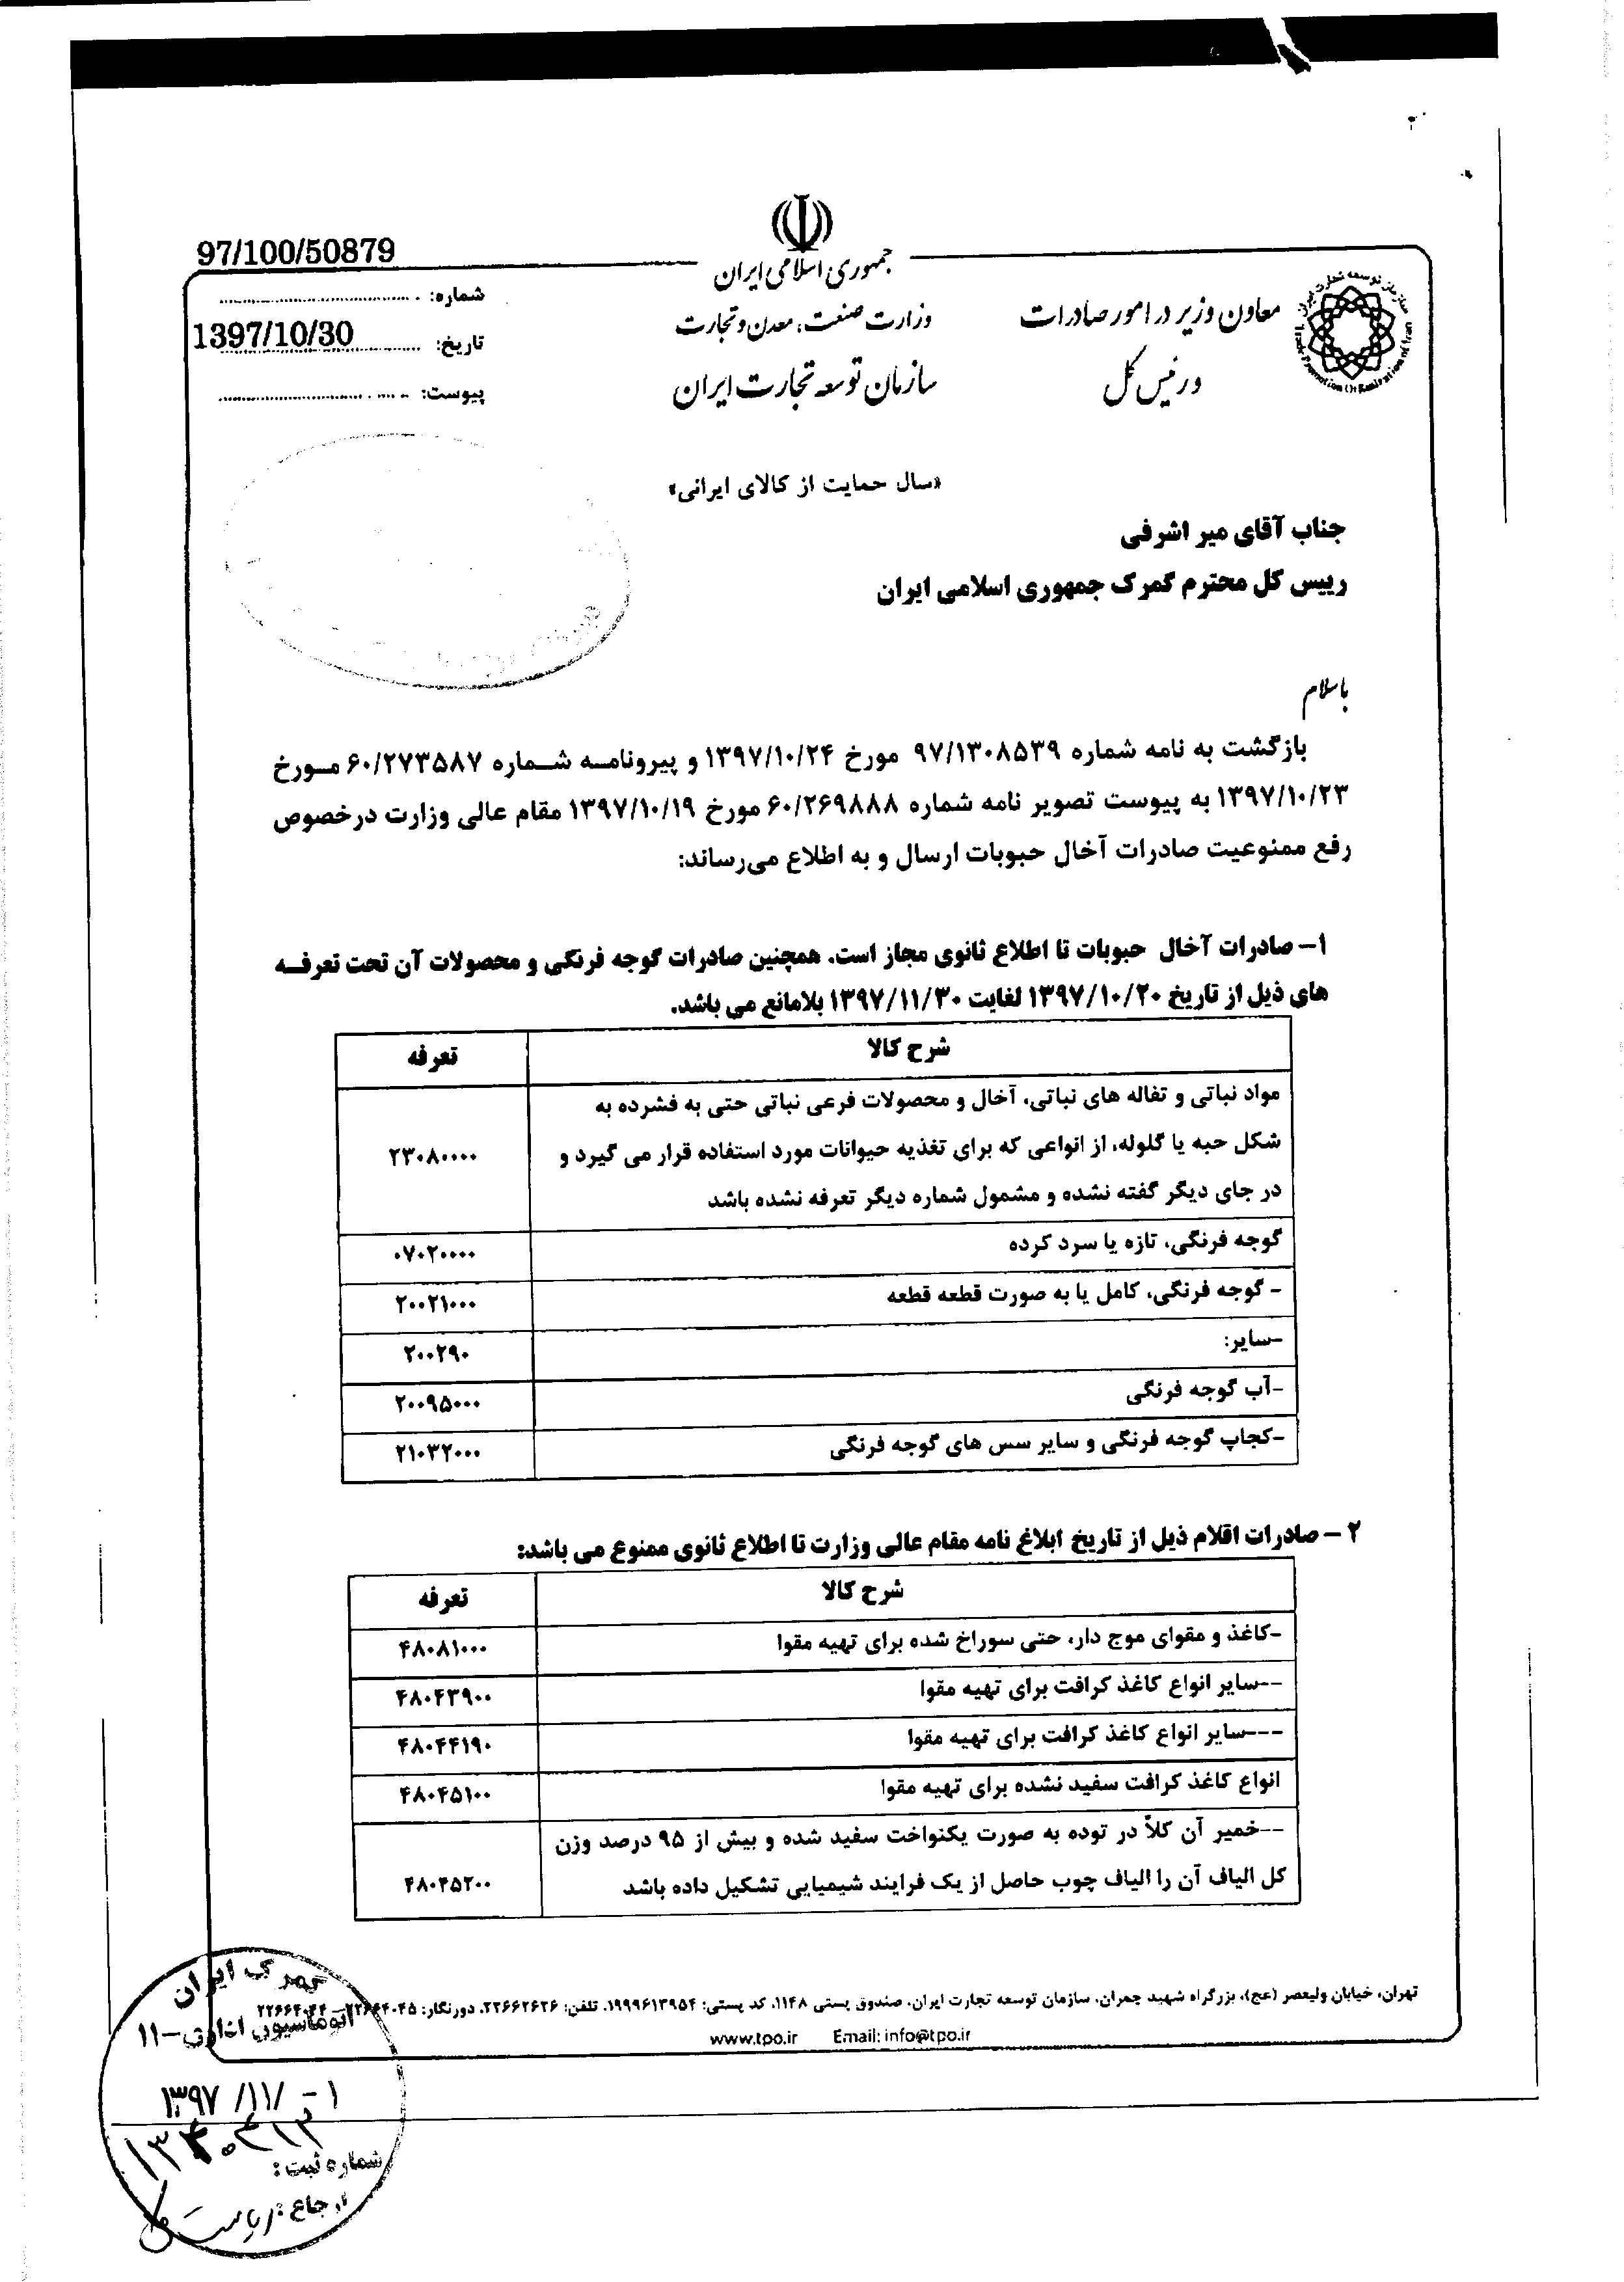 صادرات گوجه آزاد شد - 6